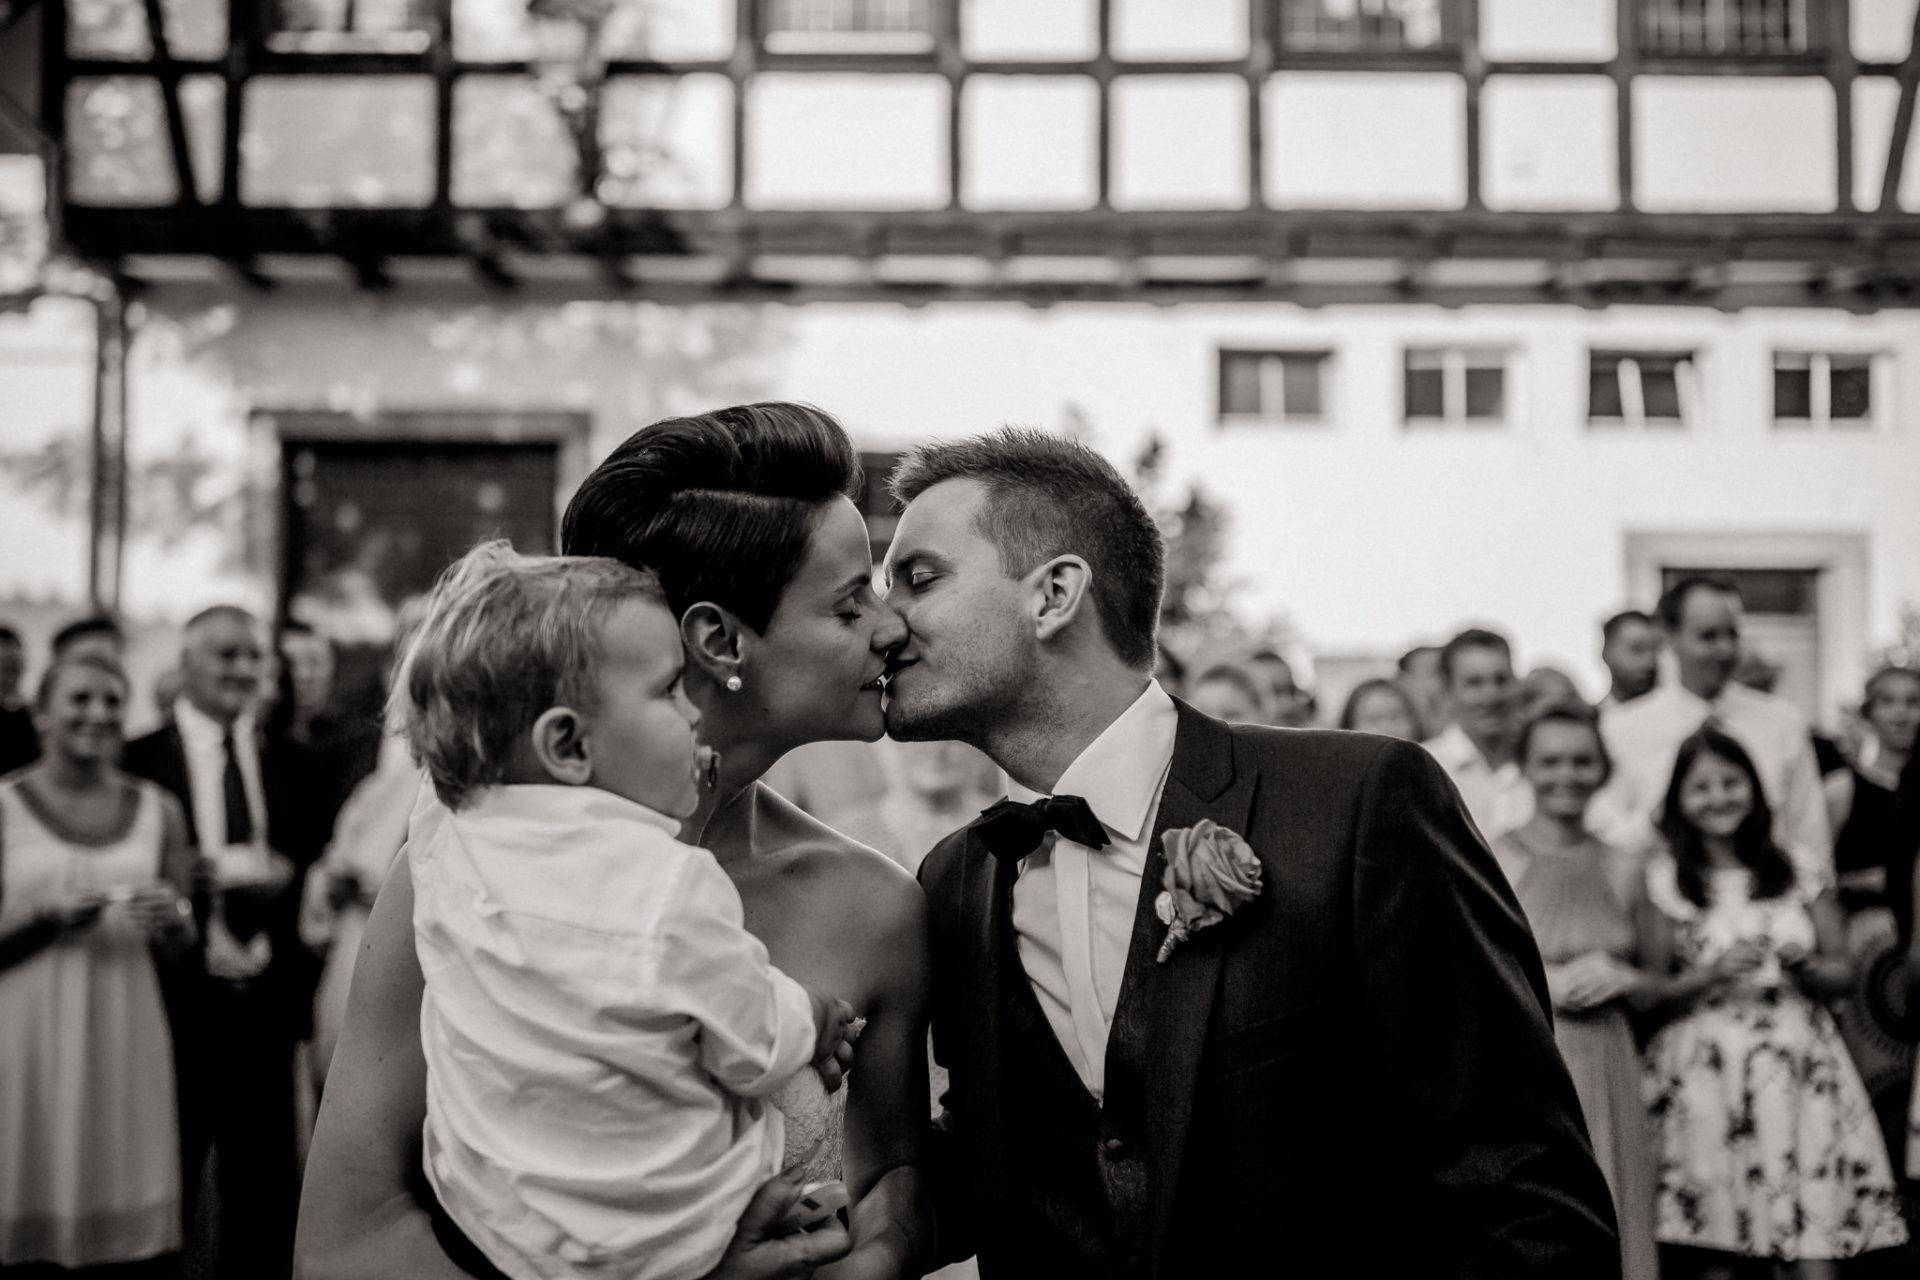 Weingut Fitz Ritter Hochzeitsfotograf-heiraten Pfalz-Sommerhochzeit Brautpaar Hochzeitsgesellschaft Gruppenfoto